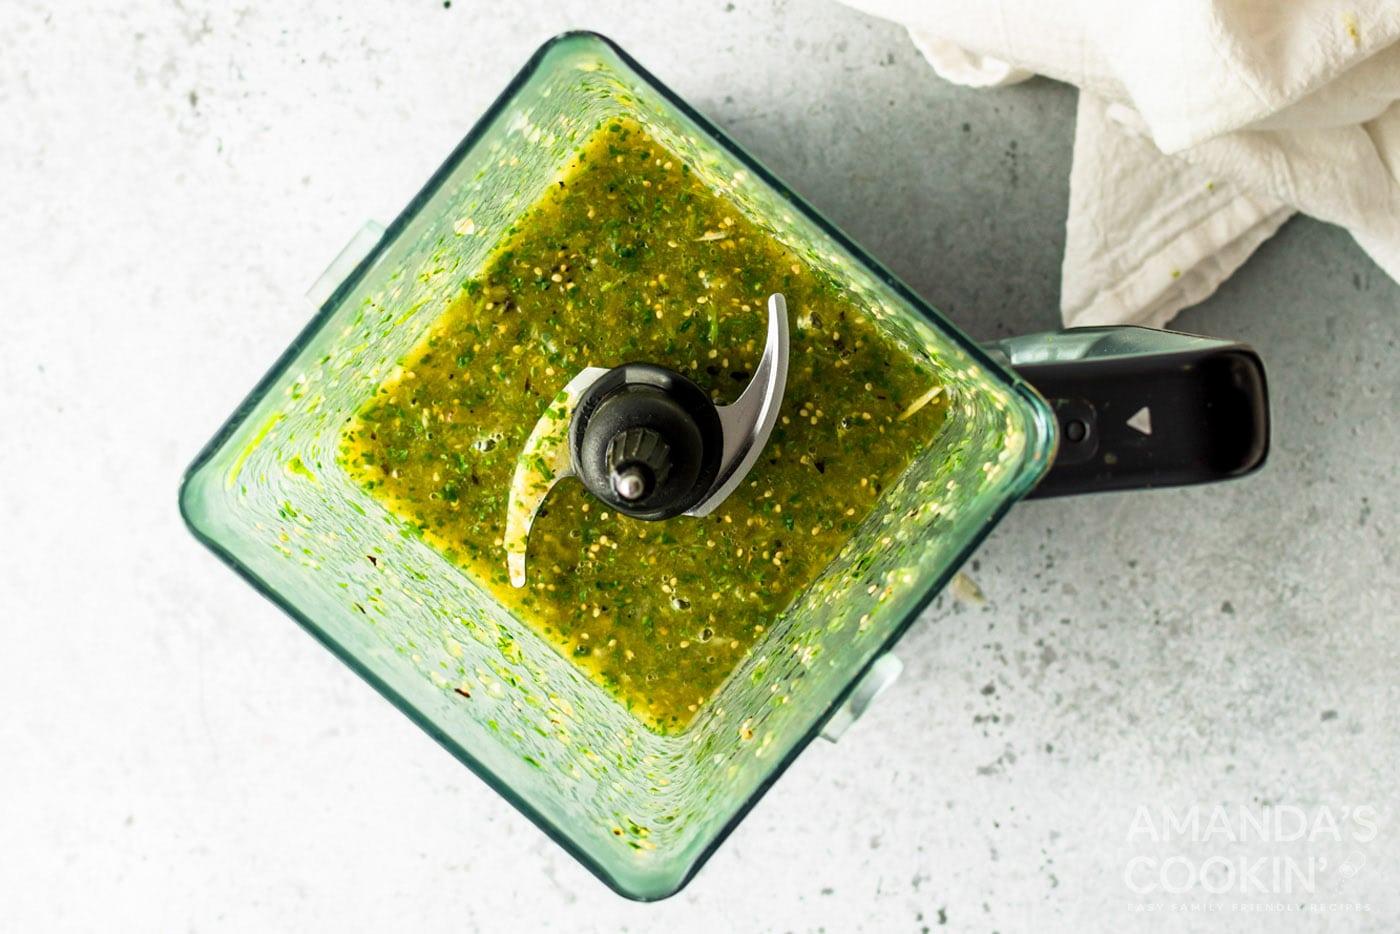 ingredients for green salsa blended together